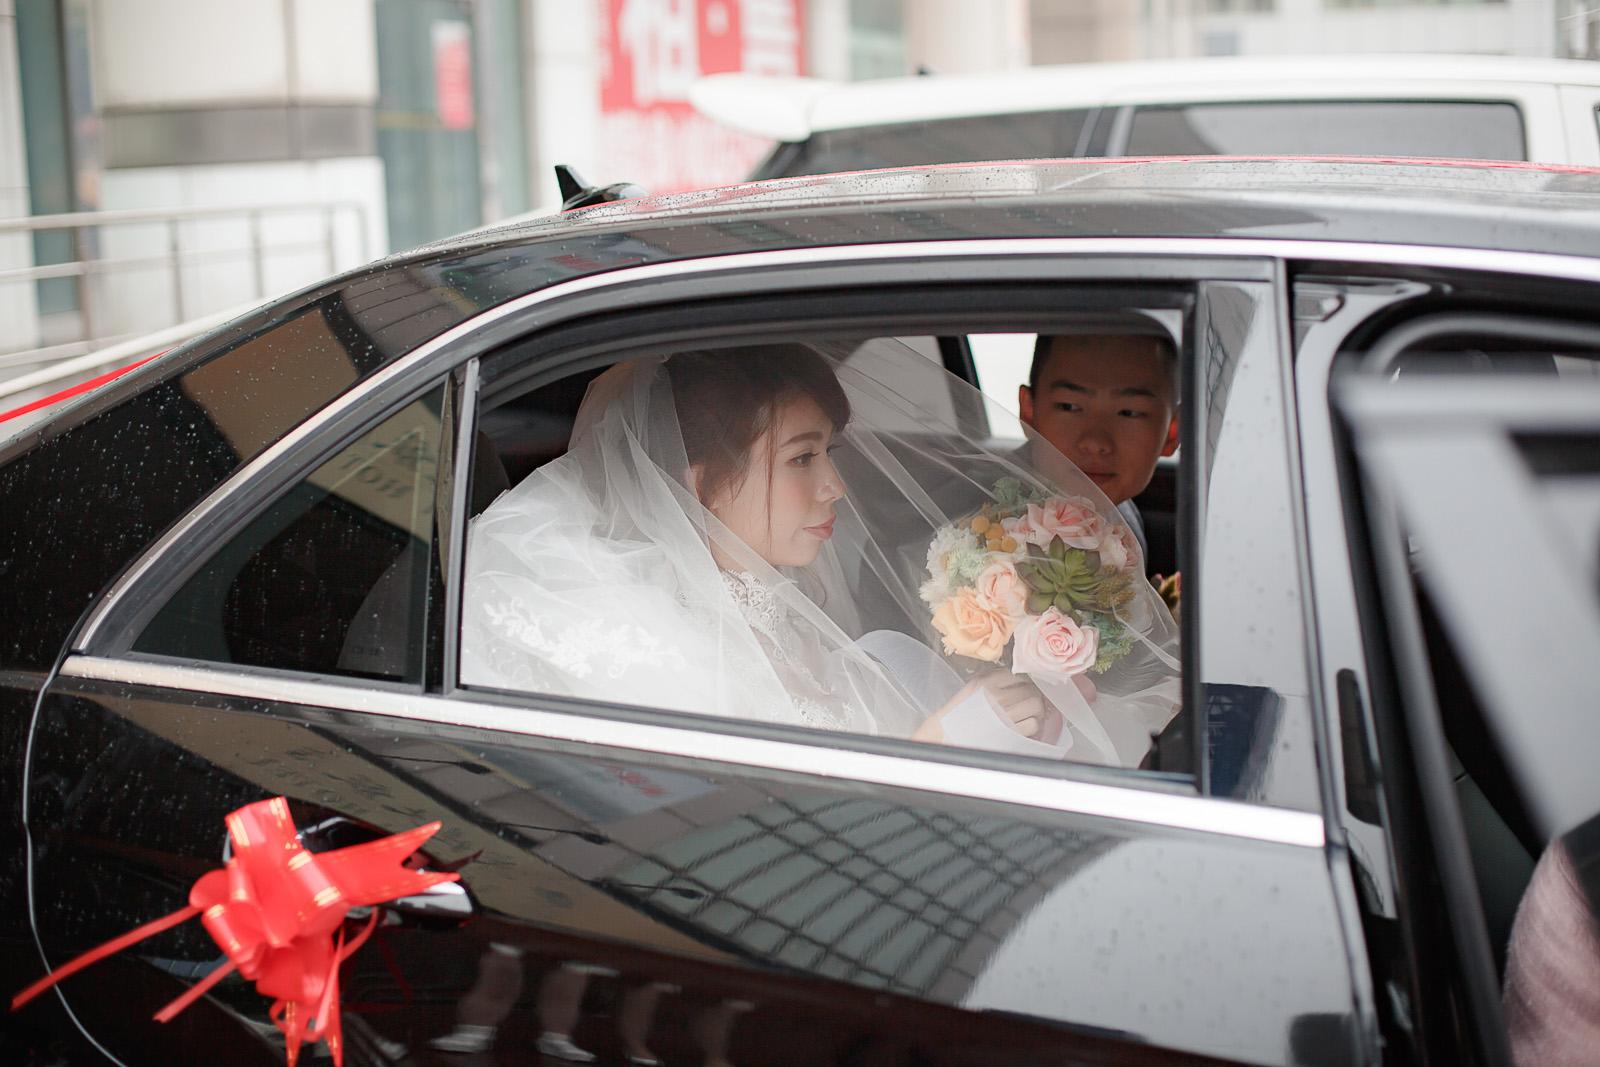 高雄圓山飯店,婚禮攝影,婚攝,高雄婚攝,優質婚攝推薦,Jen&Ethan-163